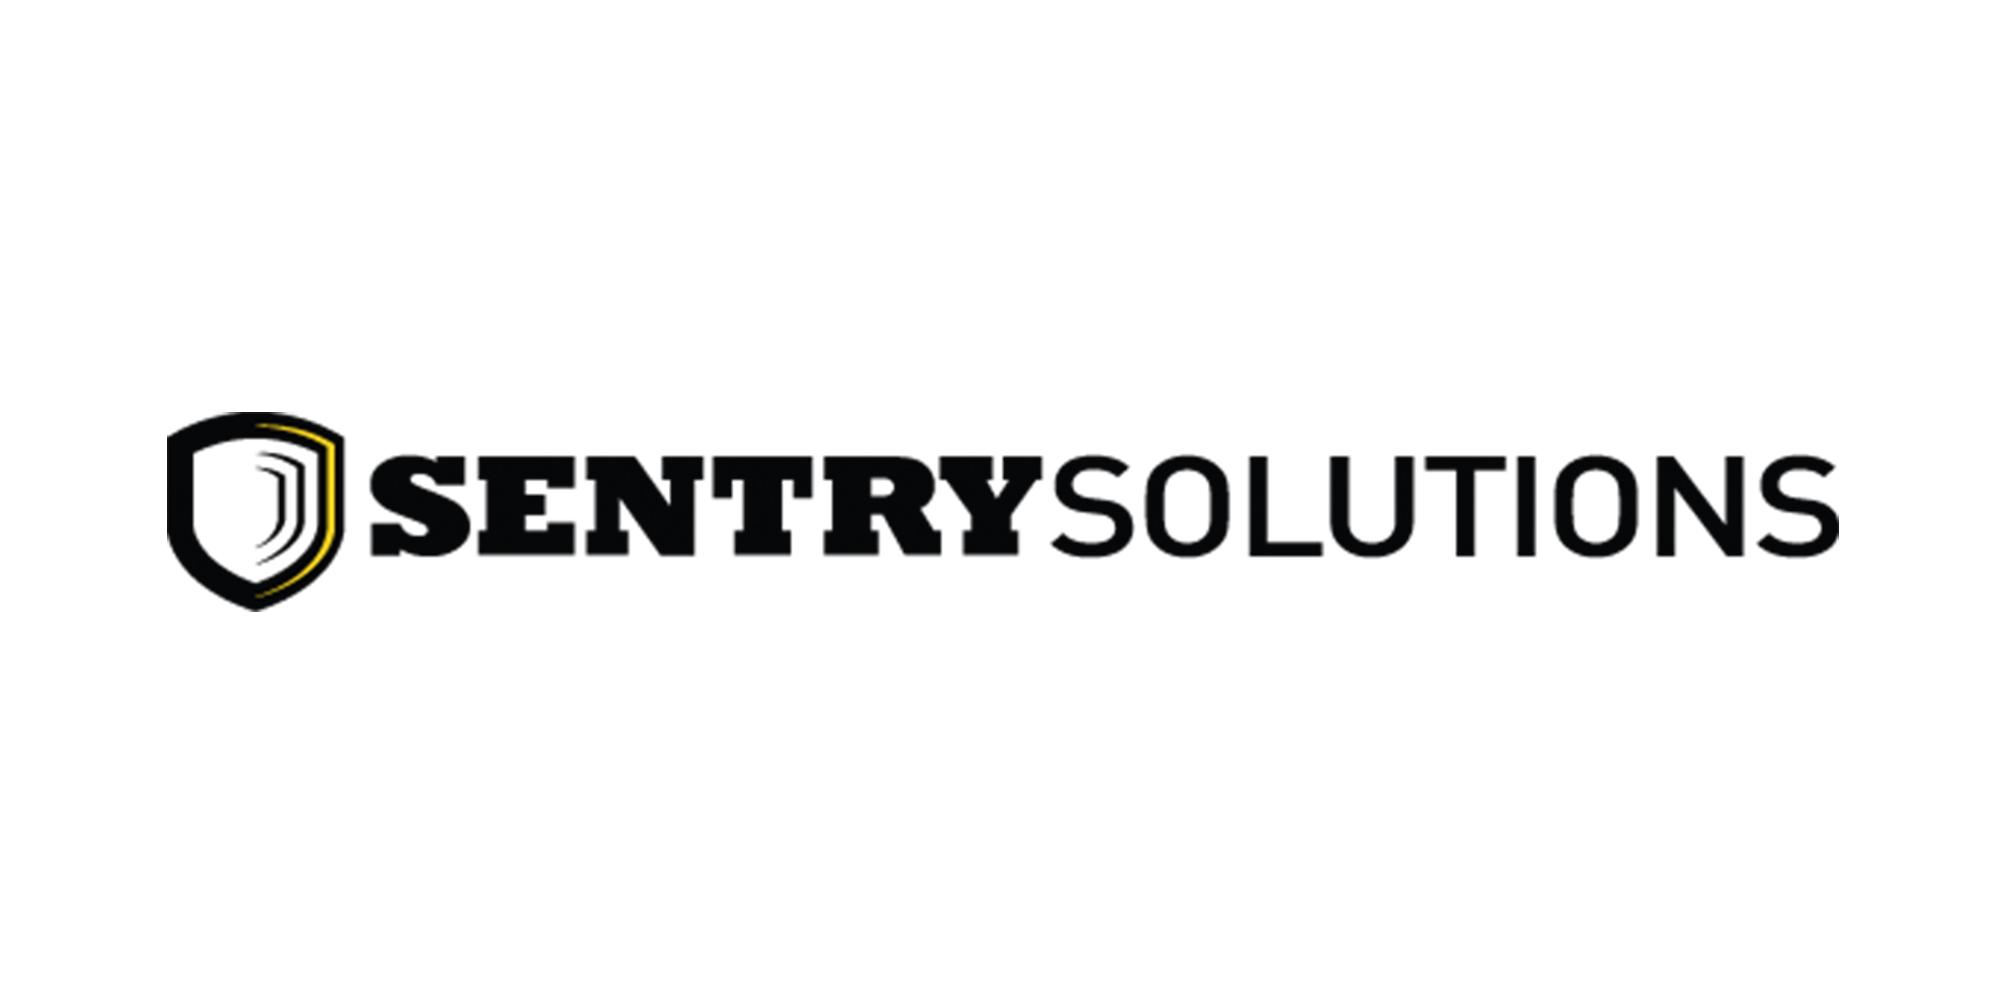 SentrySolutionsLogo.jpg